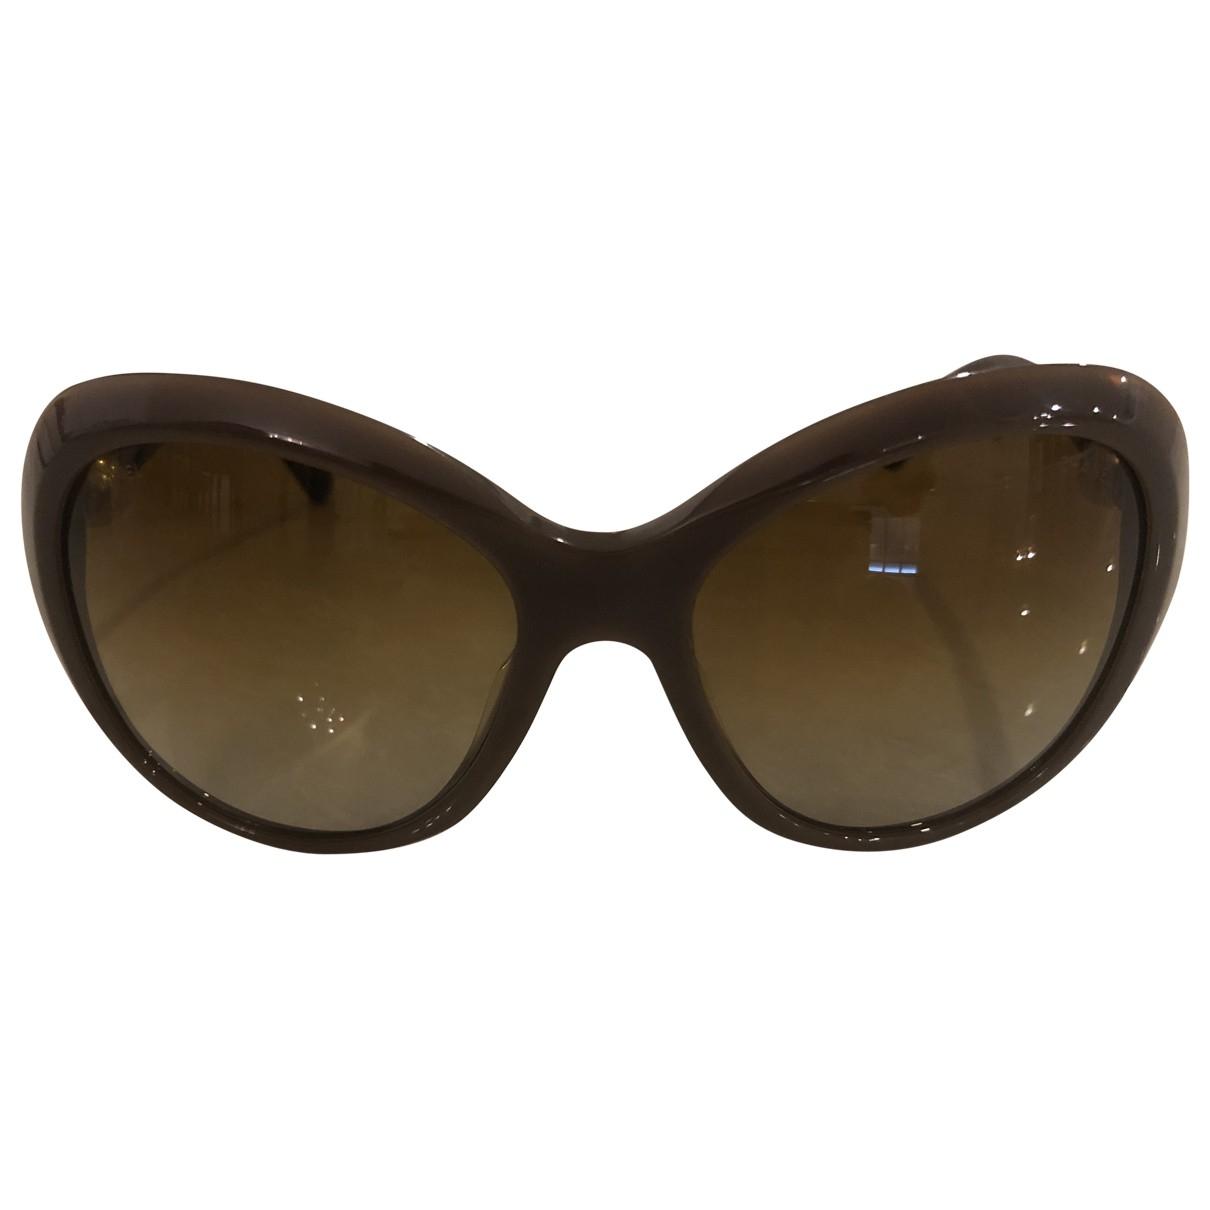 Chanel - Lunettes   pour femme - marron